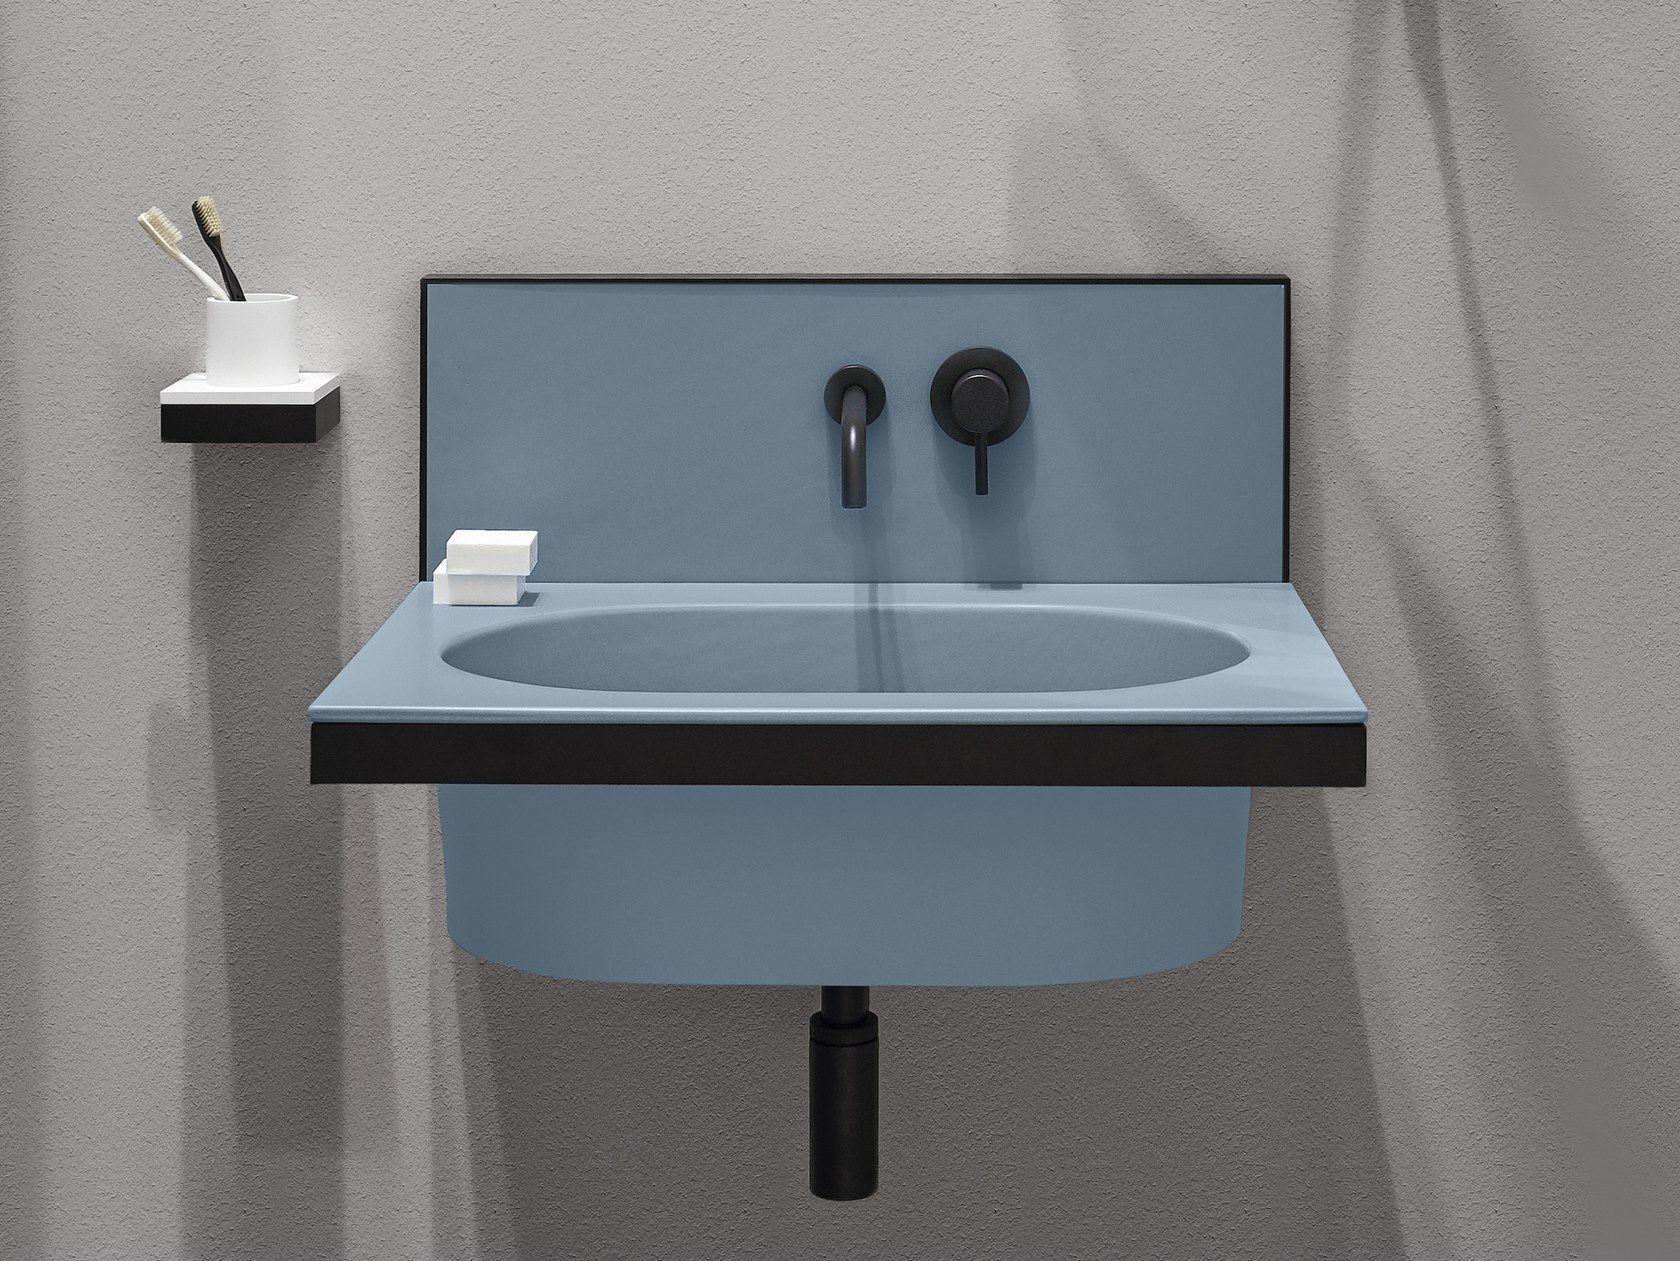 Waschbecken Blau bildergebnis für cielo waschbecken blau | decorate「软 装 陈 设」 in